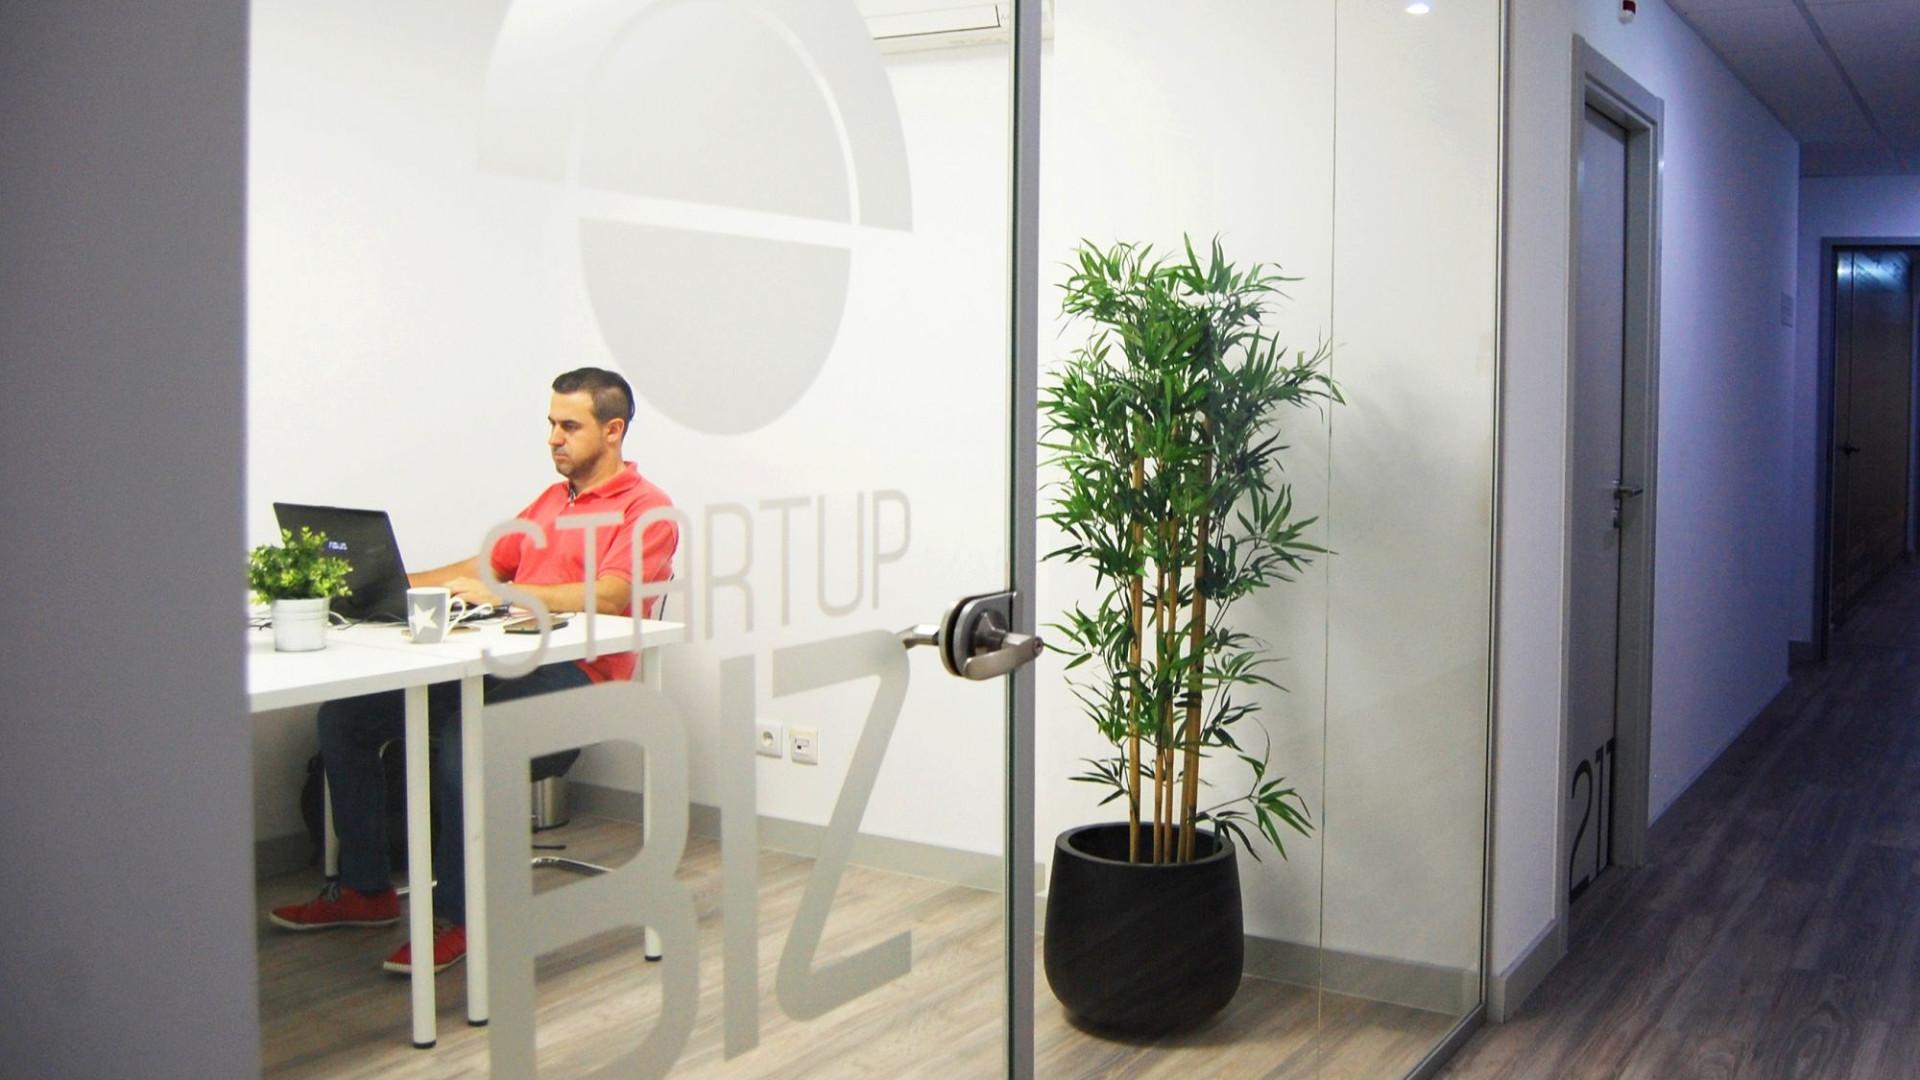 Centro de negócios em Lisboa está à procura de startups